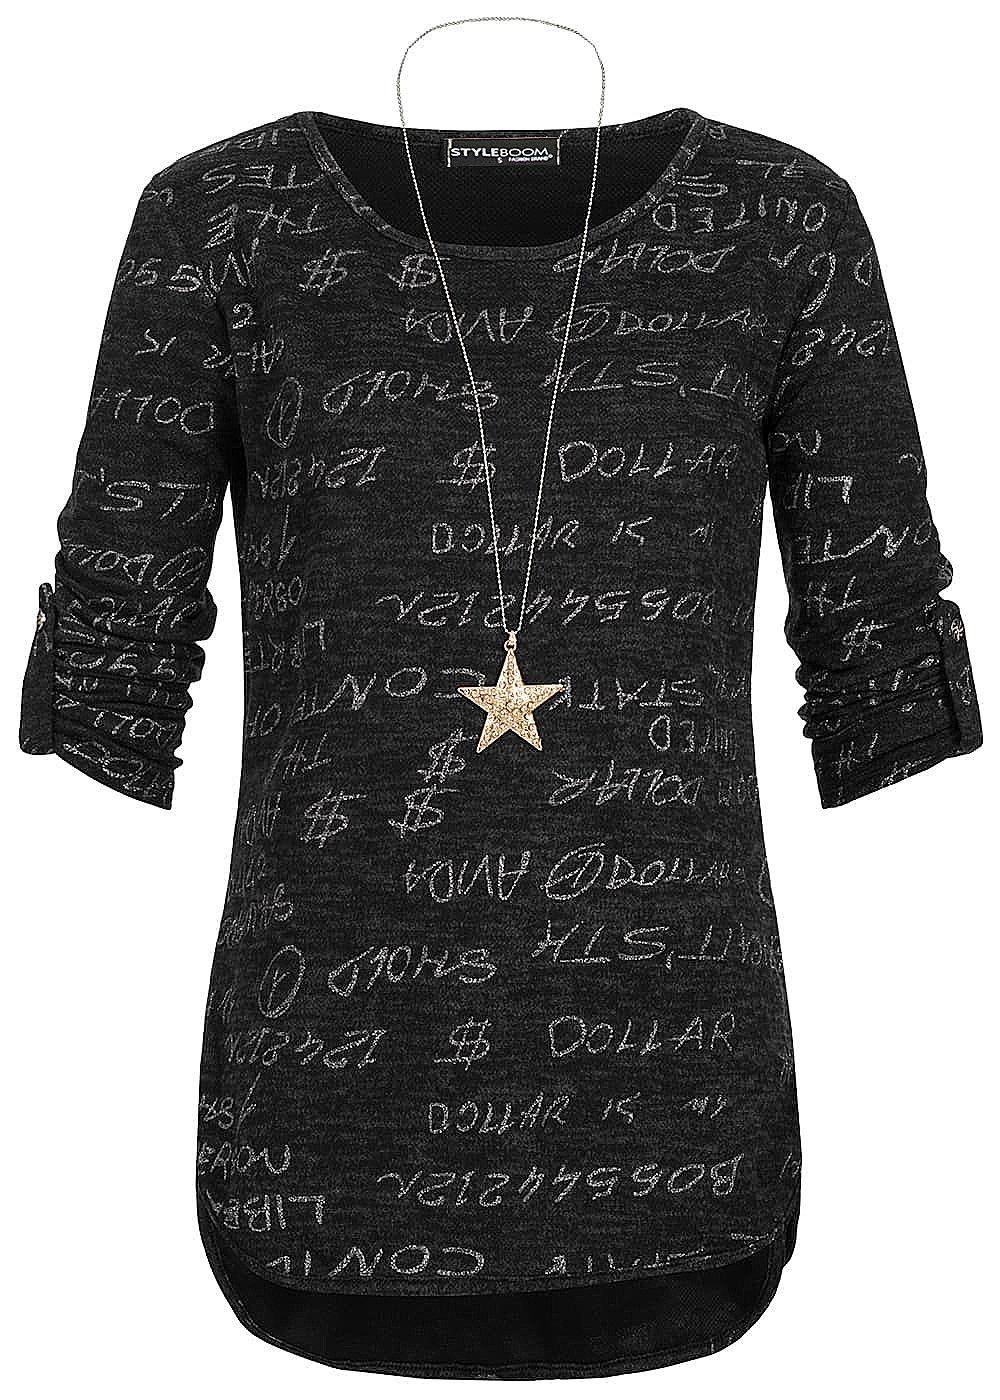 5f102f0efdd Styleboom Fashion Damen Shirt mit Kette Turn-Up Ärmel Text Print schwarz  melange - 77onlineshop